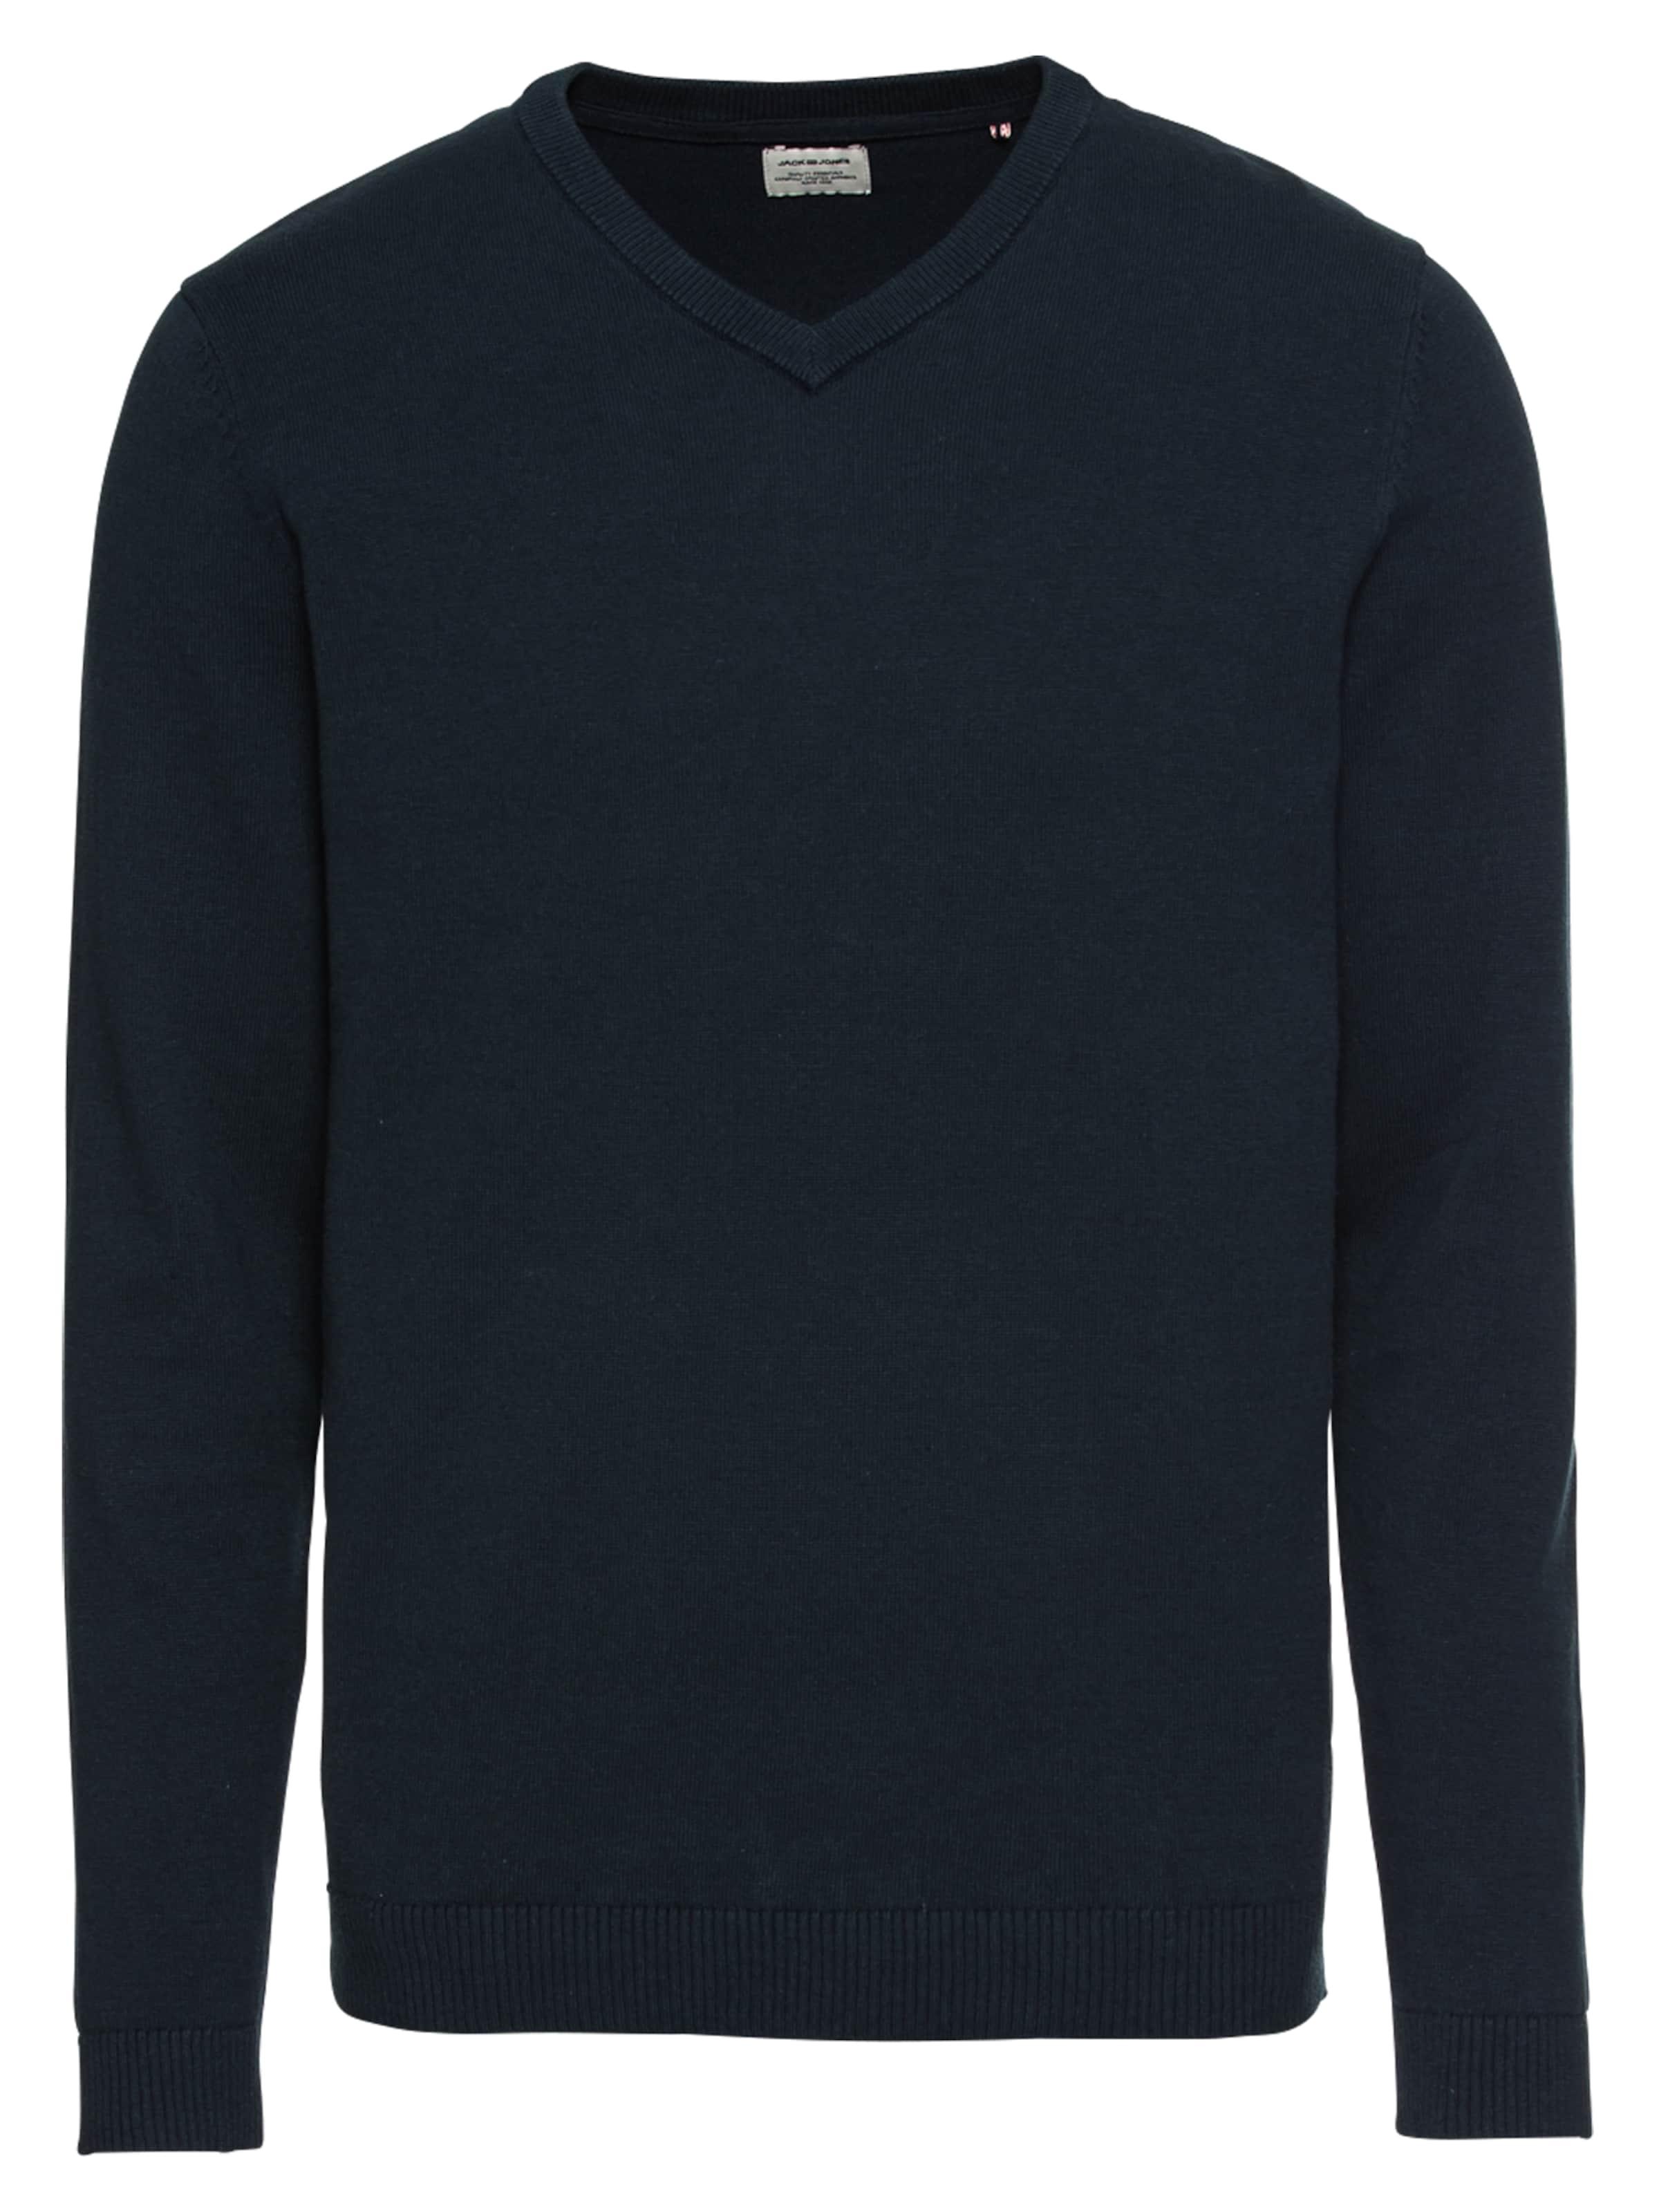 Jones V neck' 'jjebasic Pullover Knit Nachtblau Jackamp; In bf7gyYm6vI